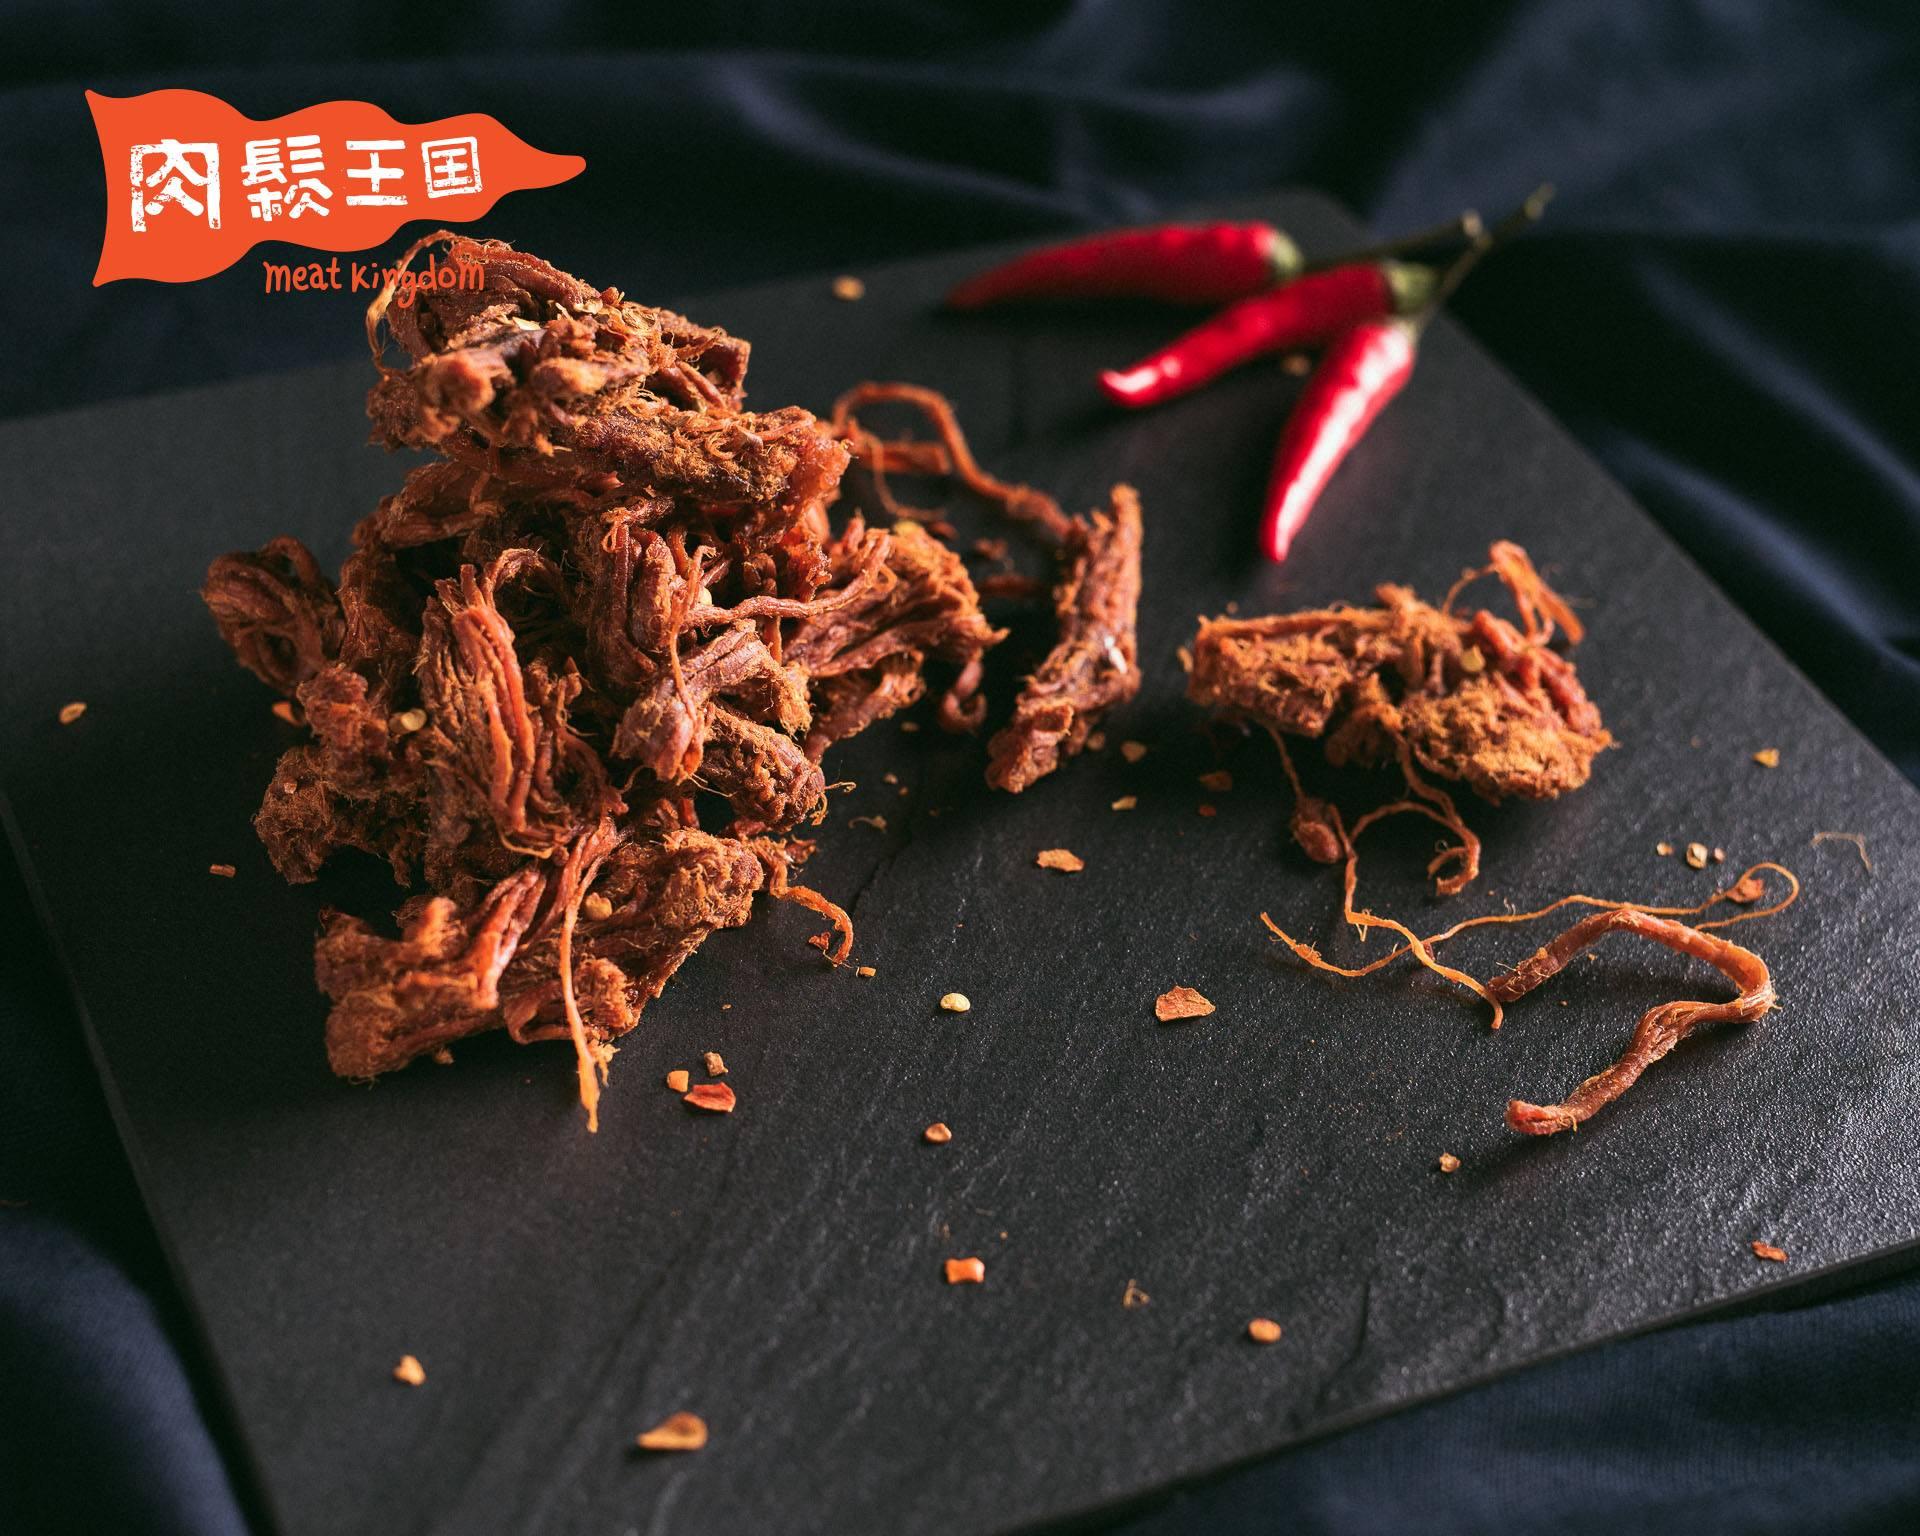 肉鬆王國 『手工豬肉條』(辣味)?辣味更有勁 ?國王放鬆包